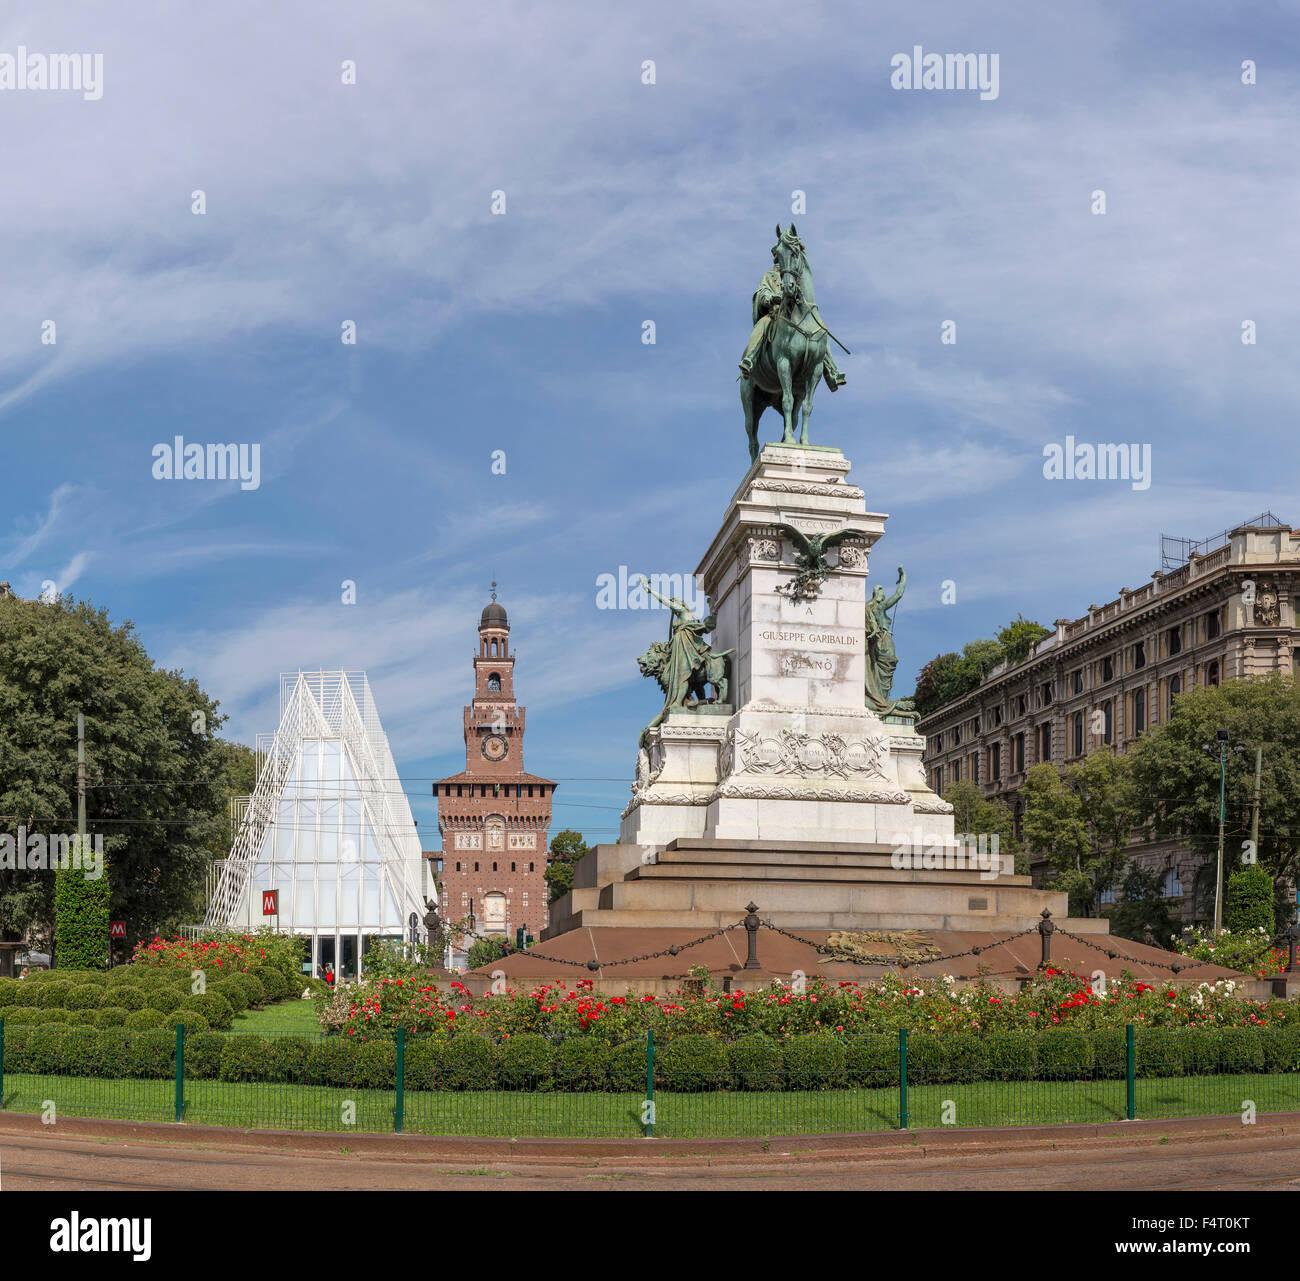 L'Italia, Europa, Milano, lombardia, Largo Benedetto Cairoli, Castello Sforzesco, statua di Garibaldi, città, Immagini Stock